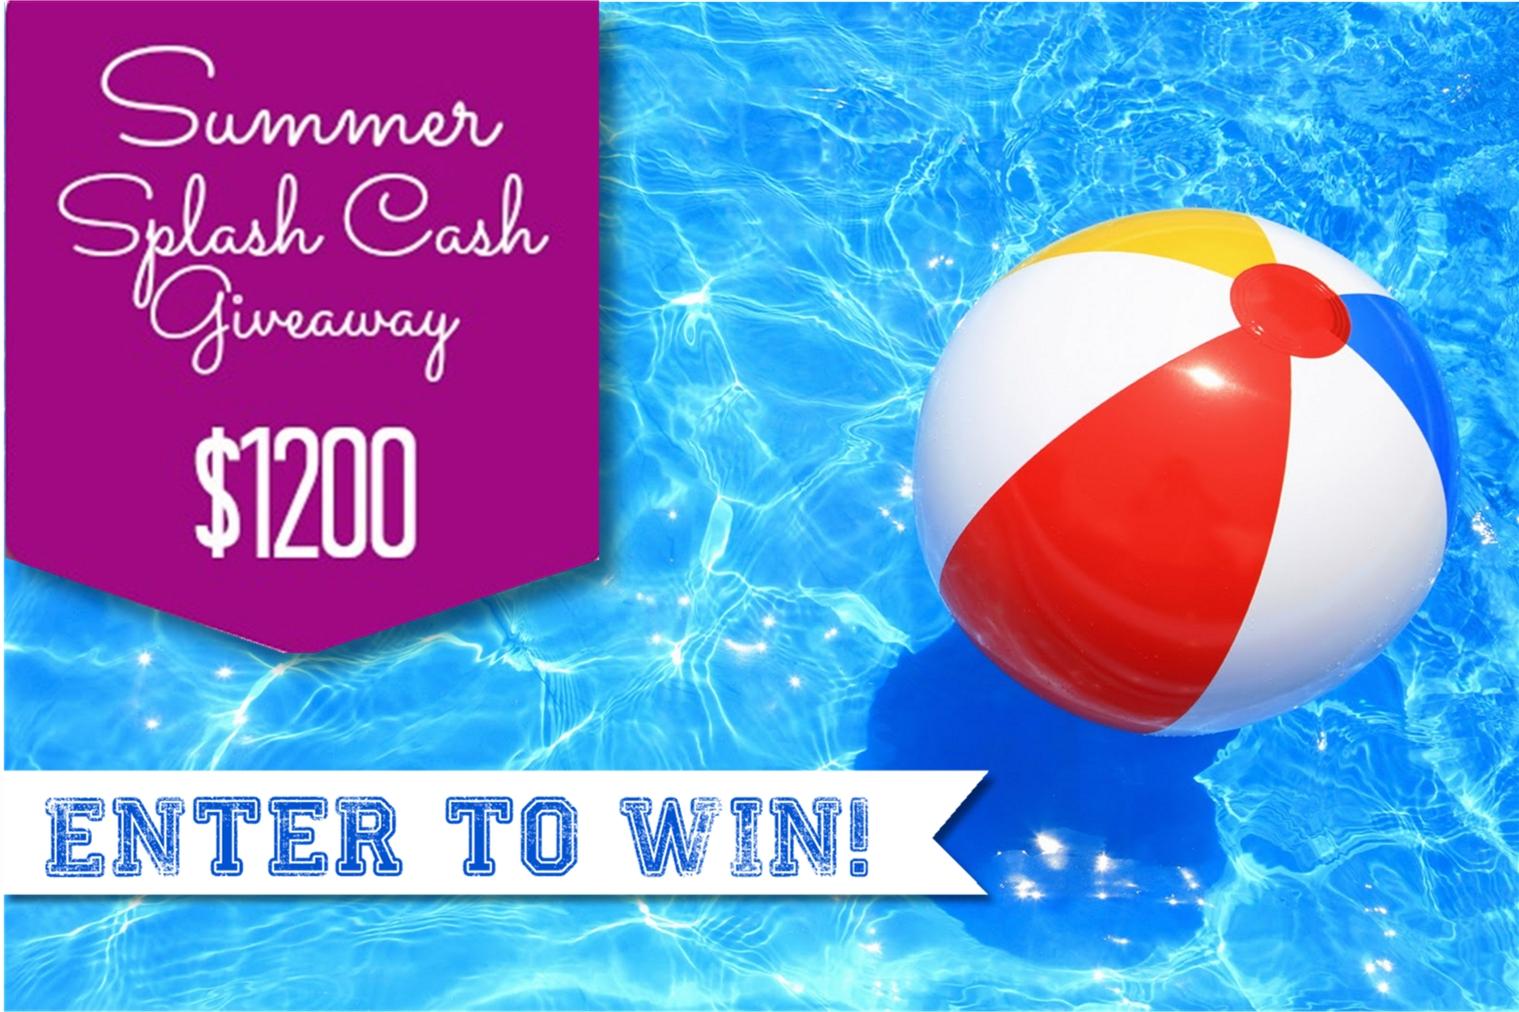 Summer splash cash giveaway